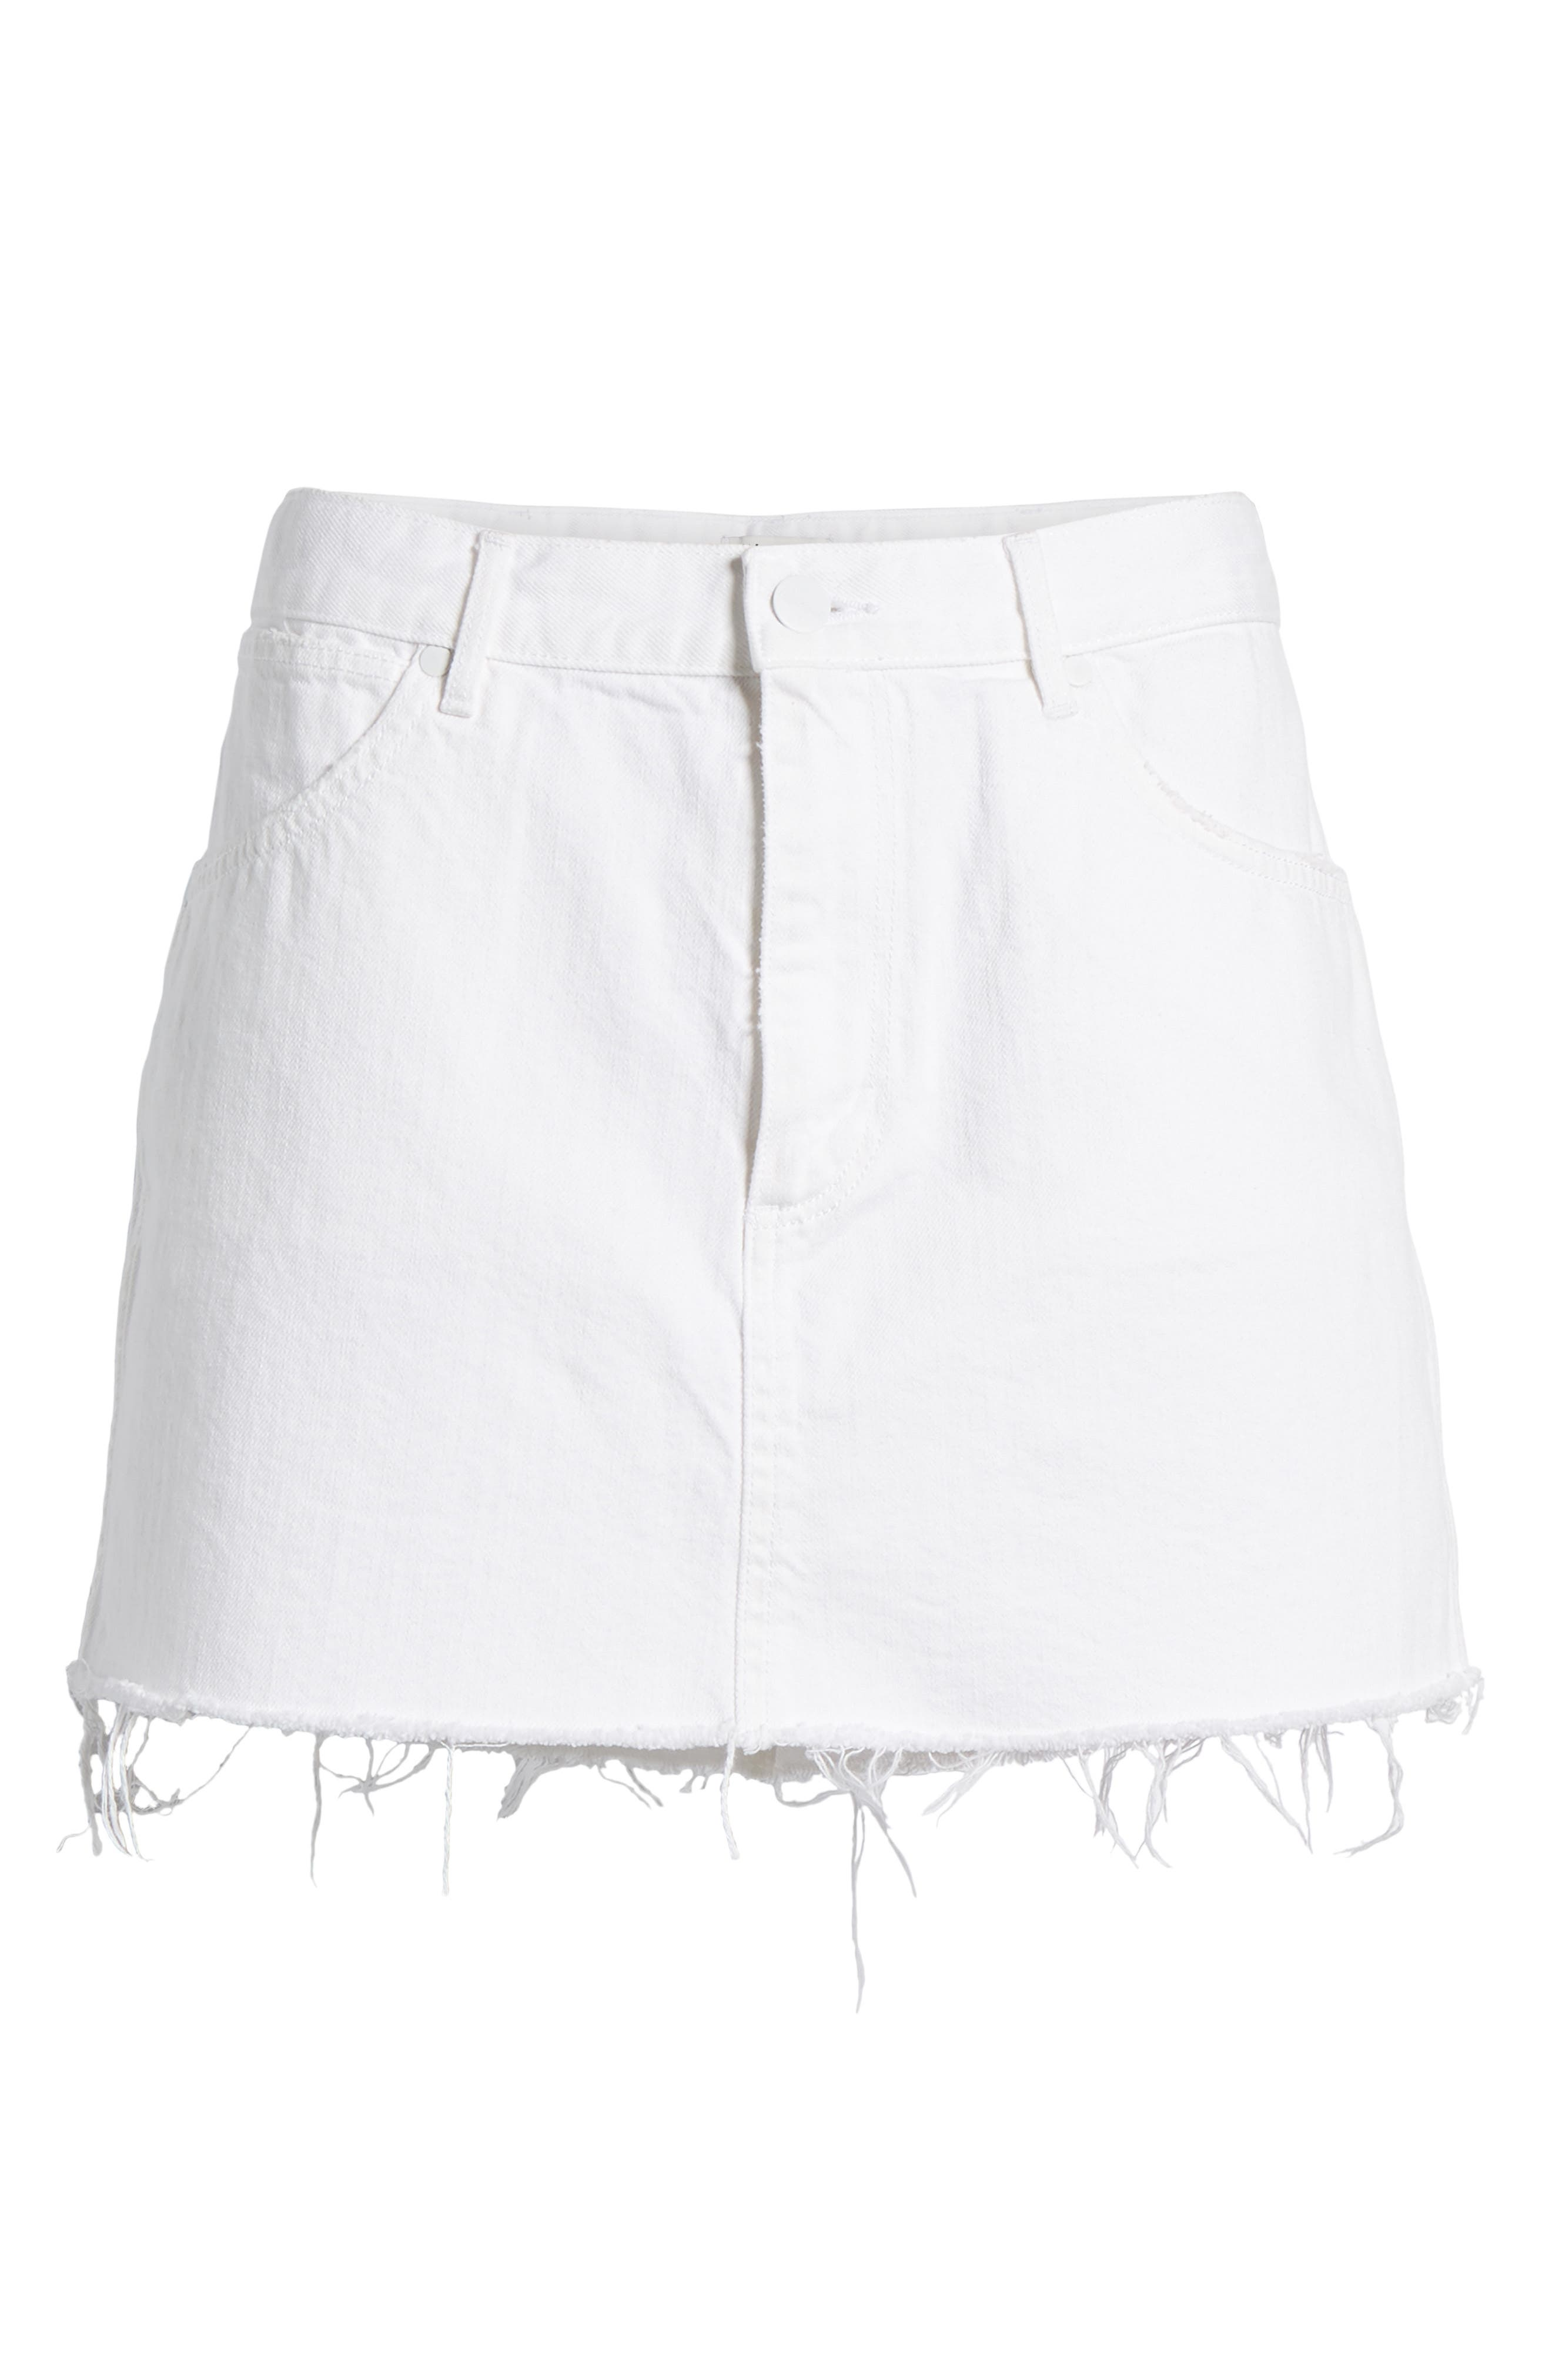 Fray Hem Denim Skirt,                             Alternate thumbnail 7, color,                             100